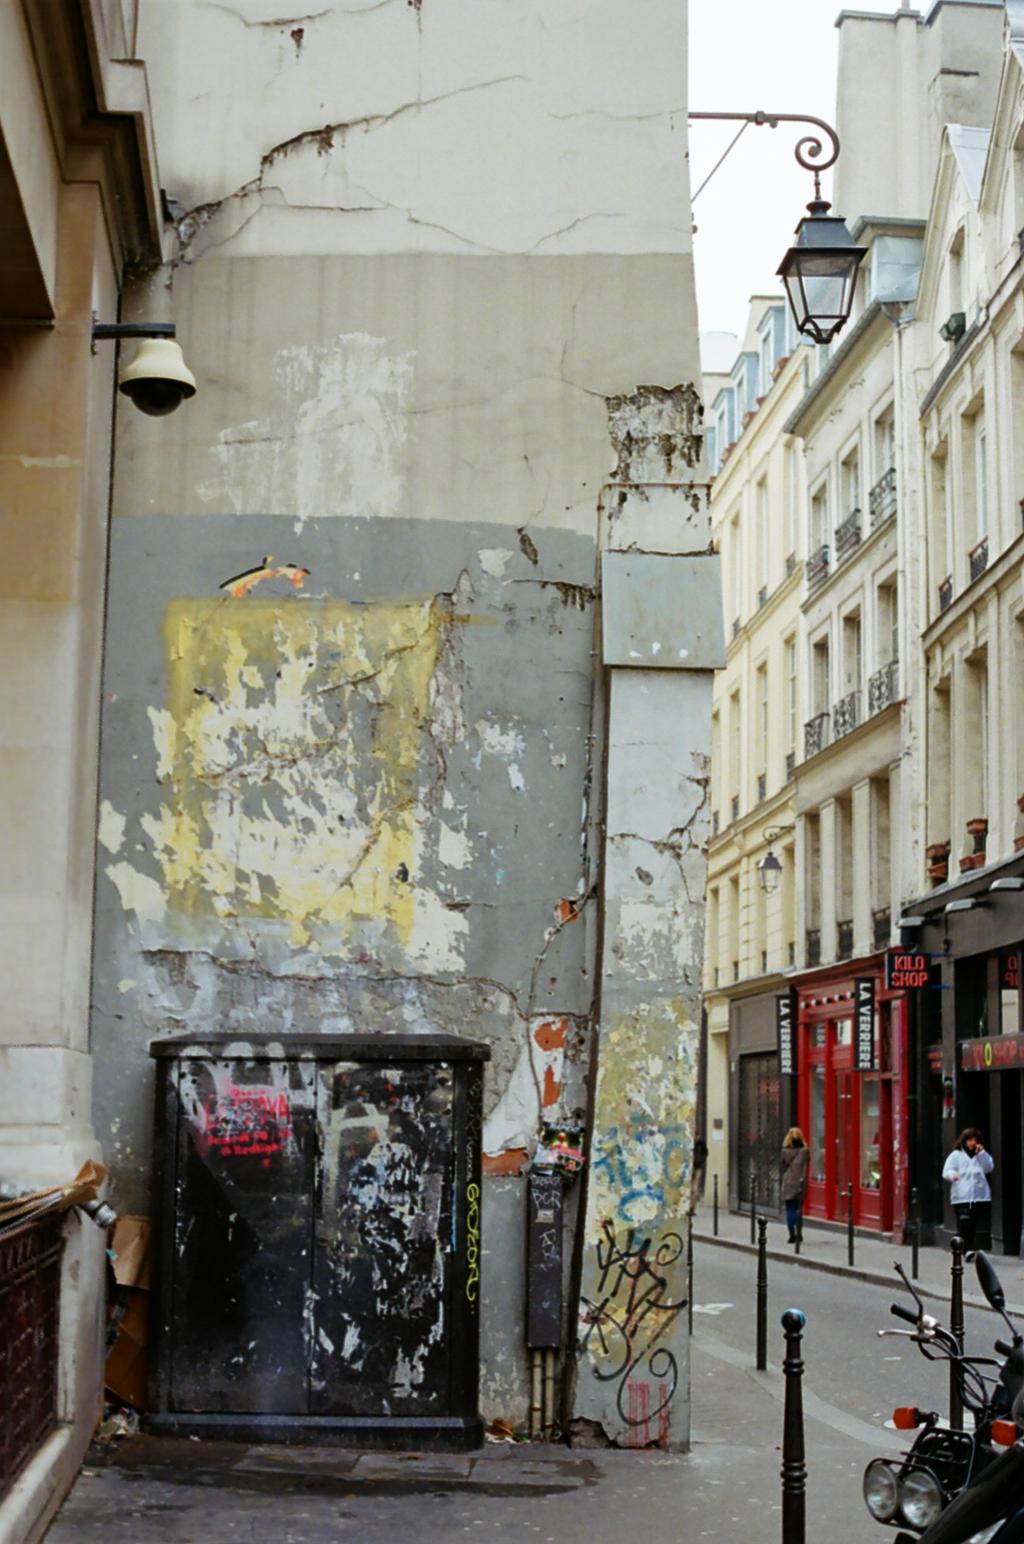 Paris Le Marais: Ruin by neuroplasticcreative